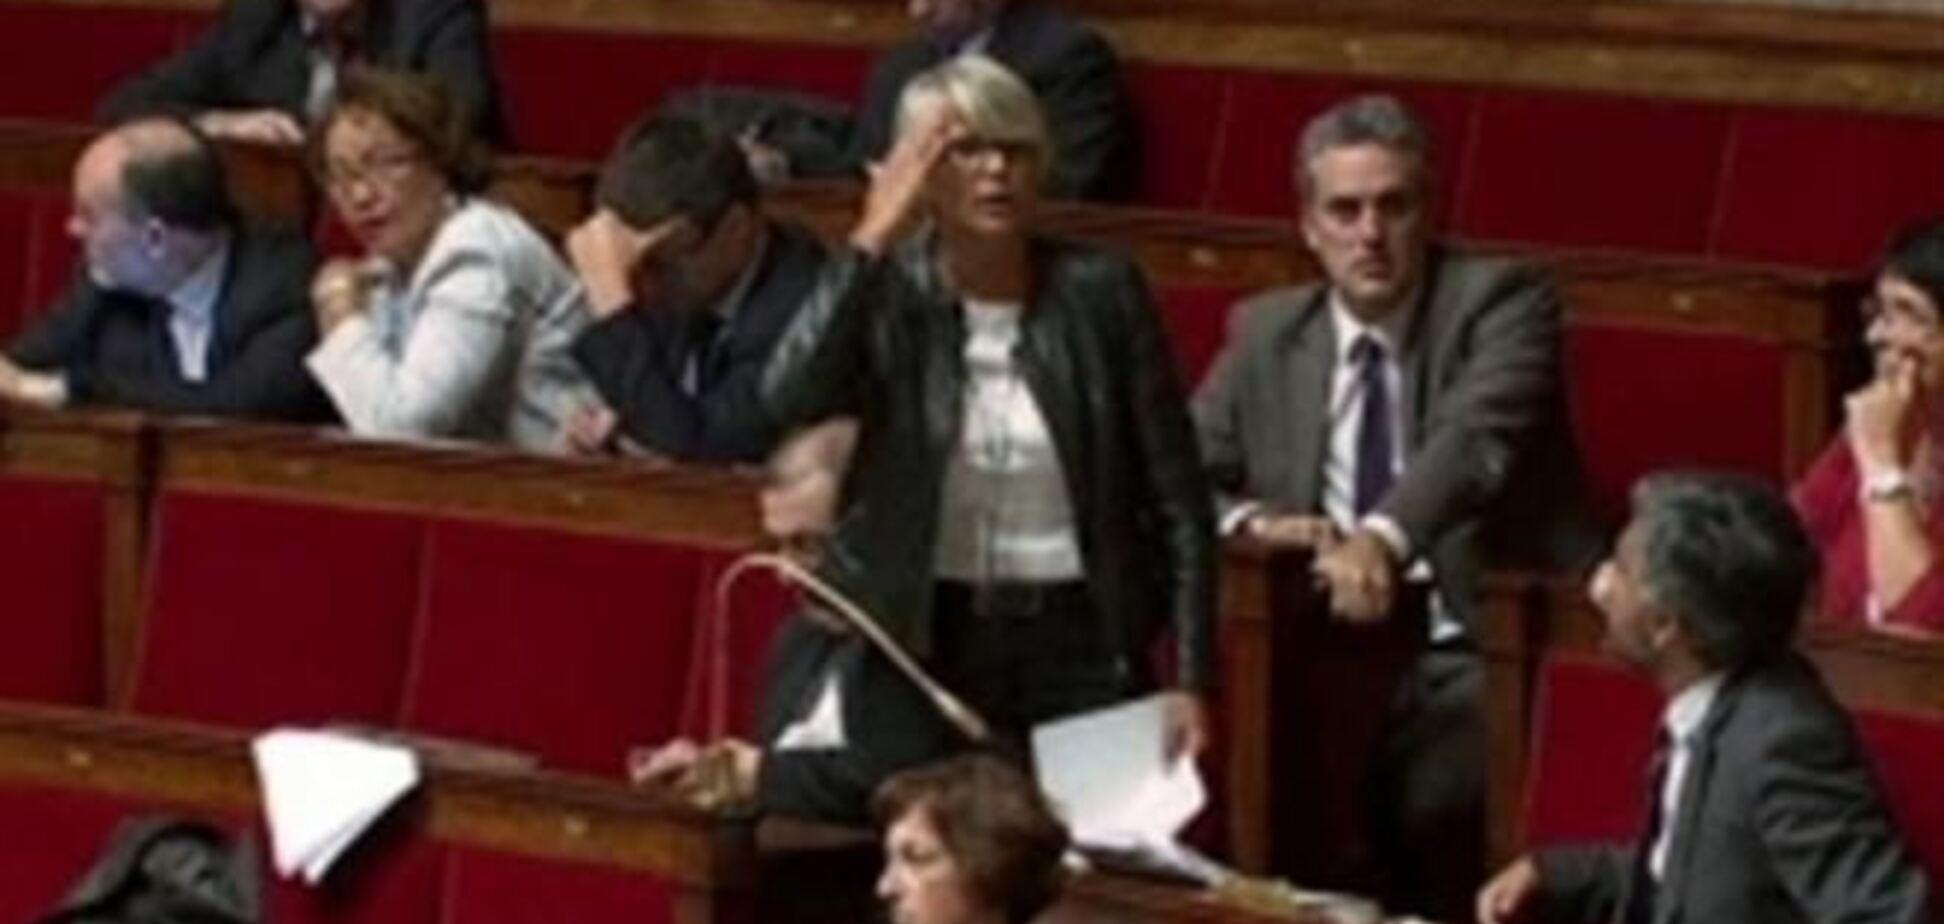 Во Франции депутата оштрафовали на 1,3 тыс. евро за кудахтанье